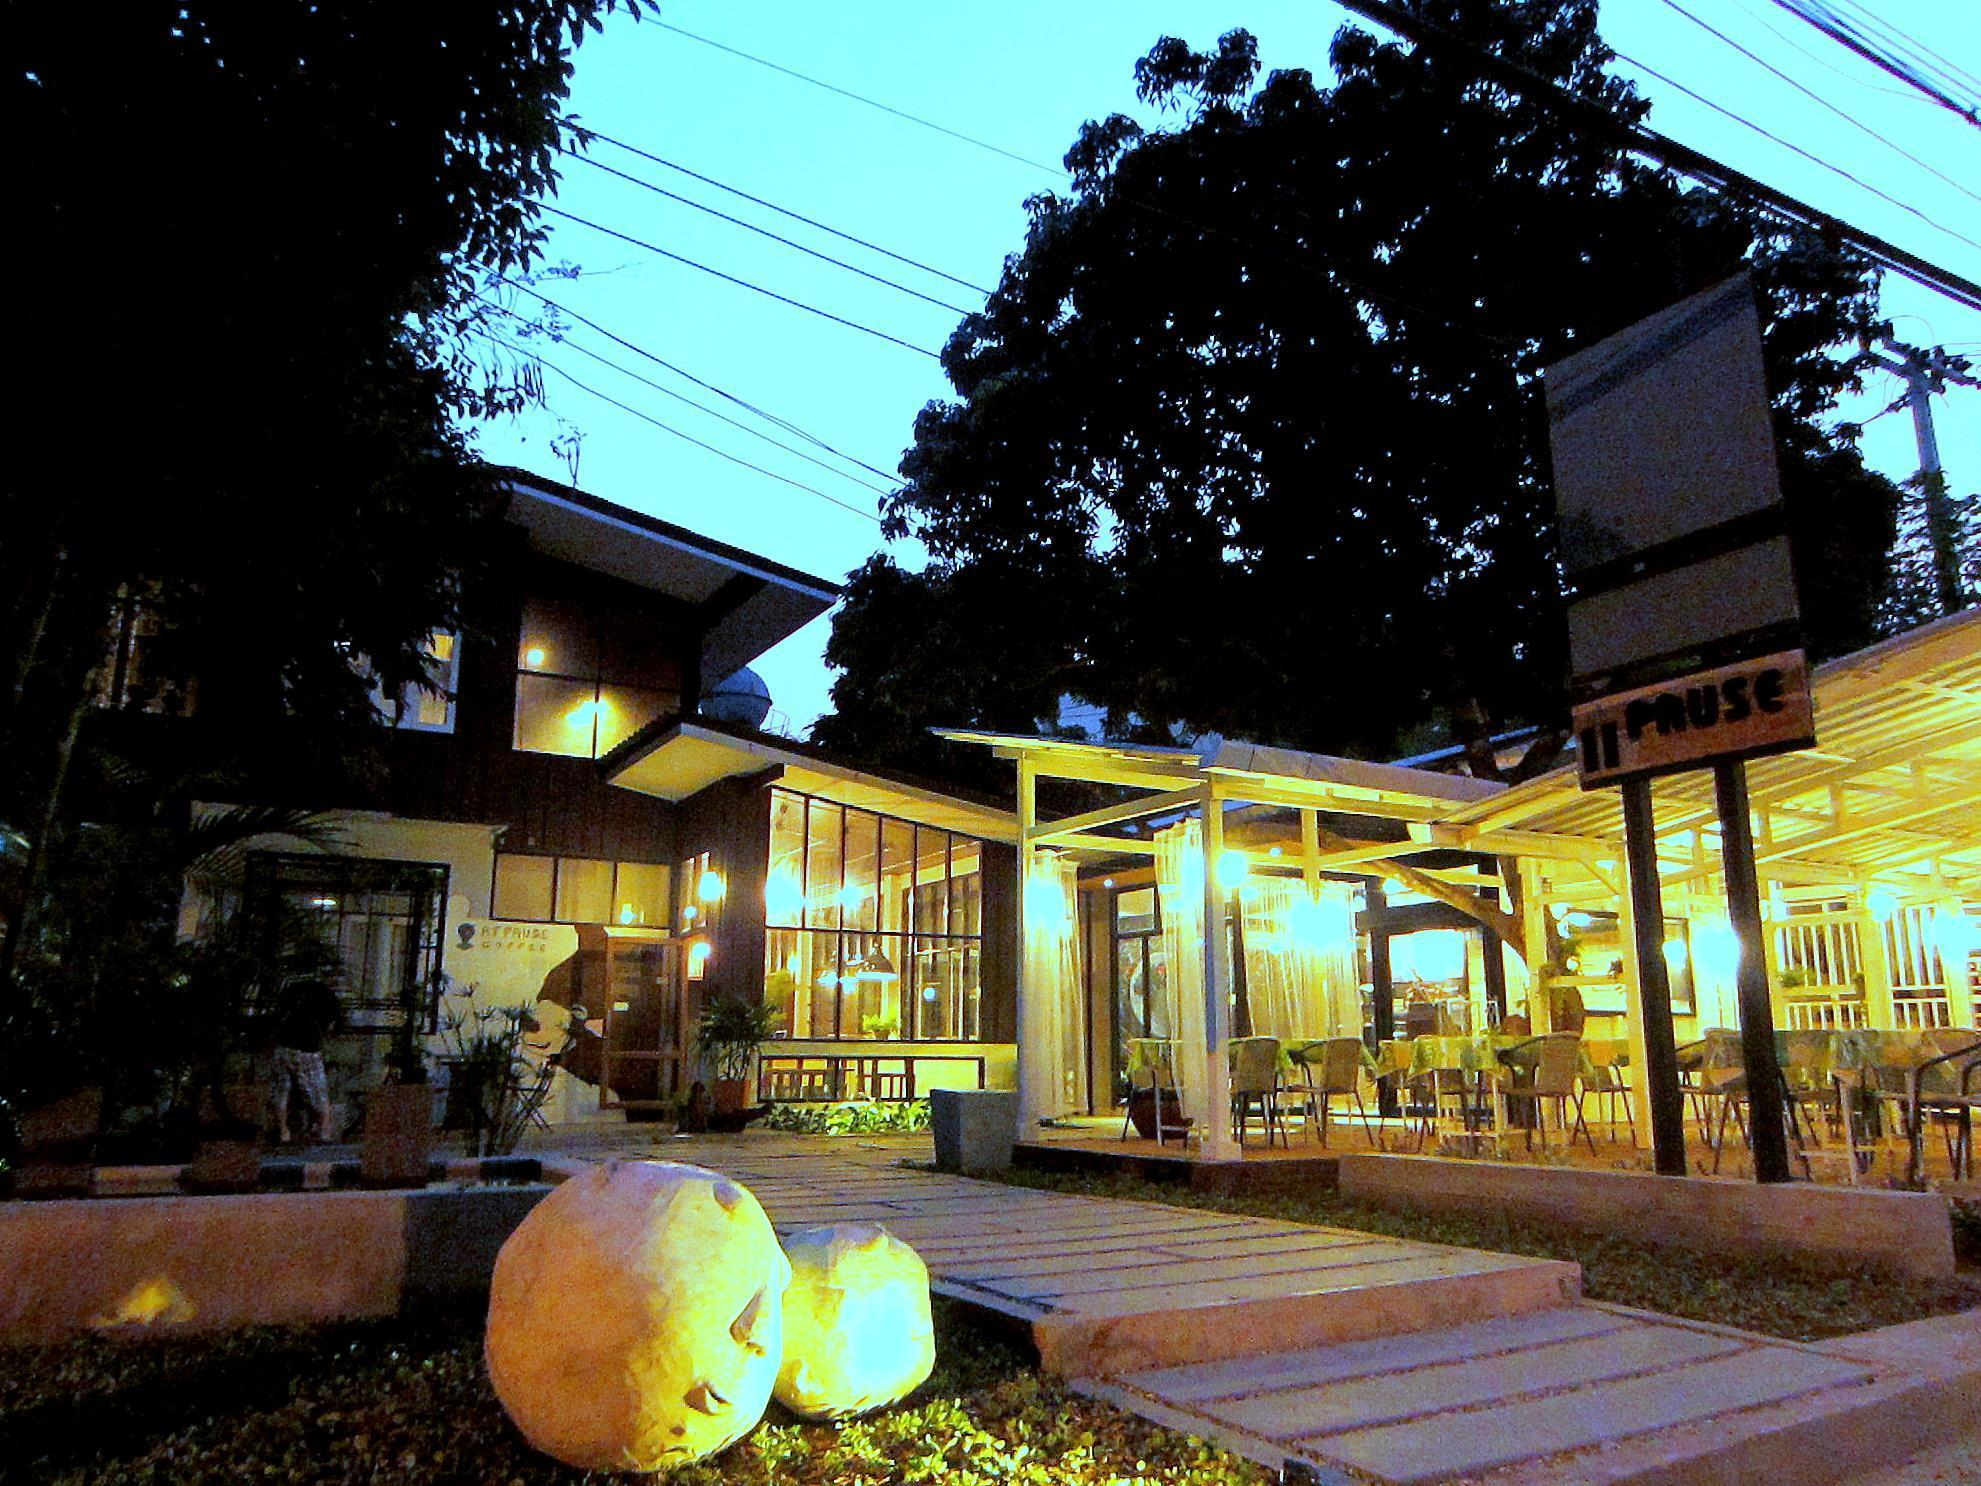 ค้นหา เชียงใหม่ ดี โฮสเทล (Chiang Mai D Hostel)